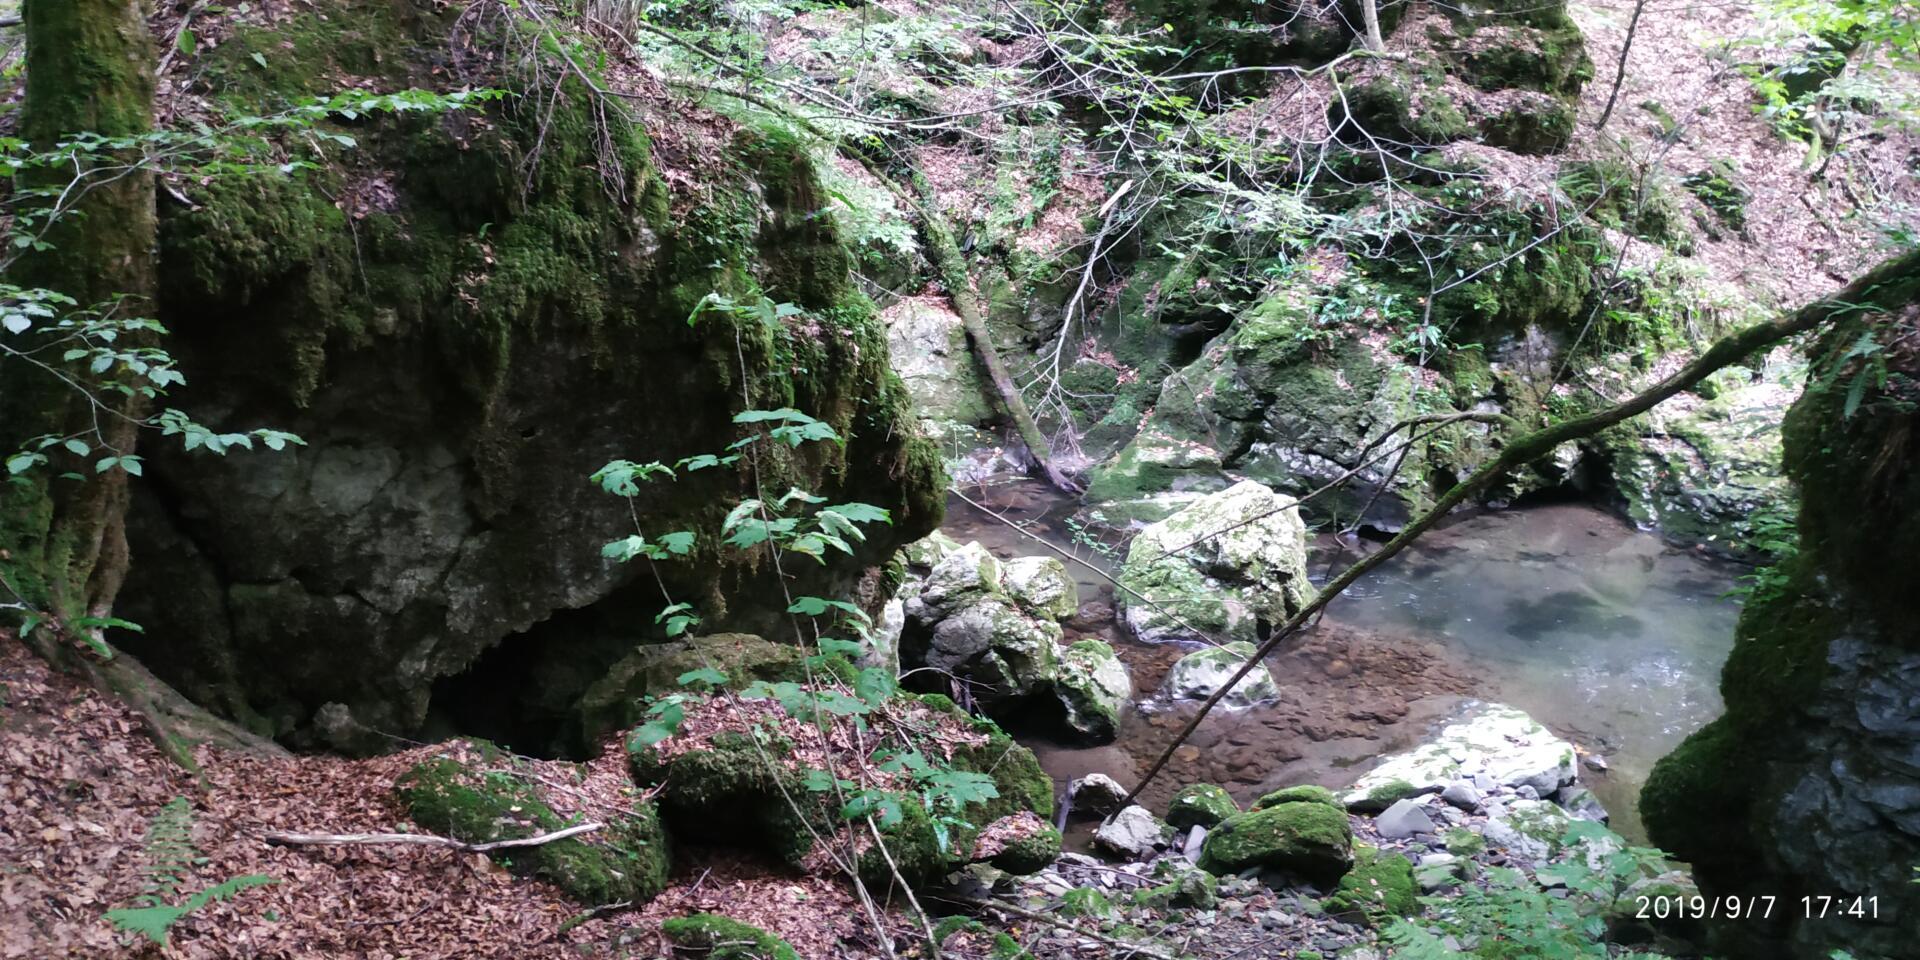 Пещеры Закарпатья в Малой Угольке